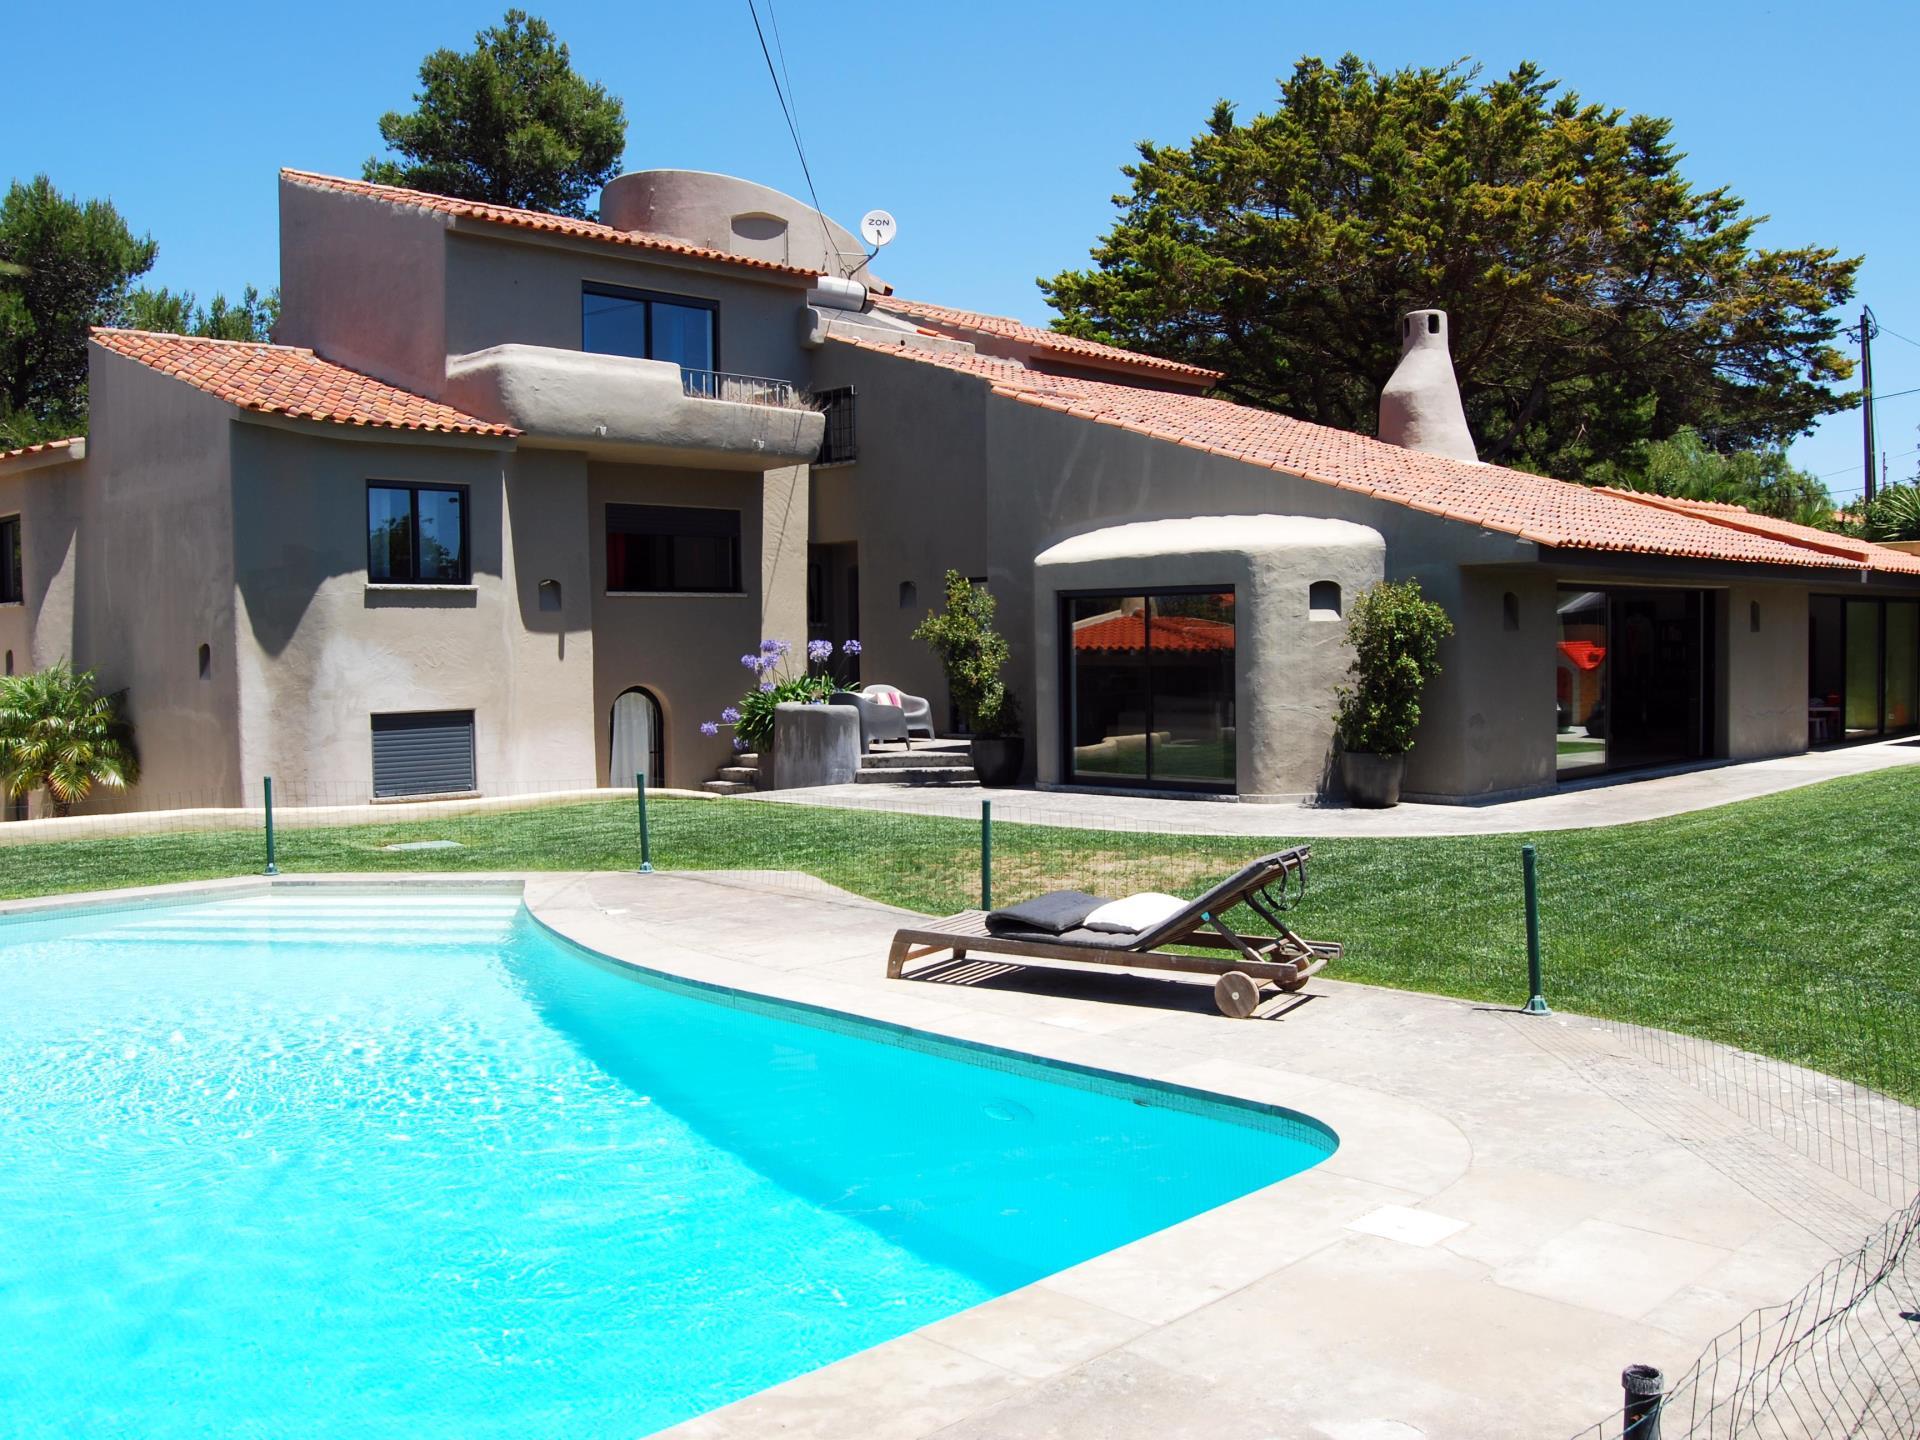 단독 가정 주택 용 매매 에 Detached house, 5 bedrooms, for Sale Cascais, 리스보아 포르투갈